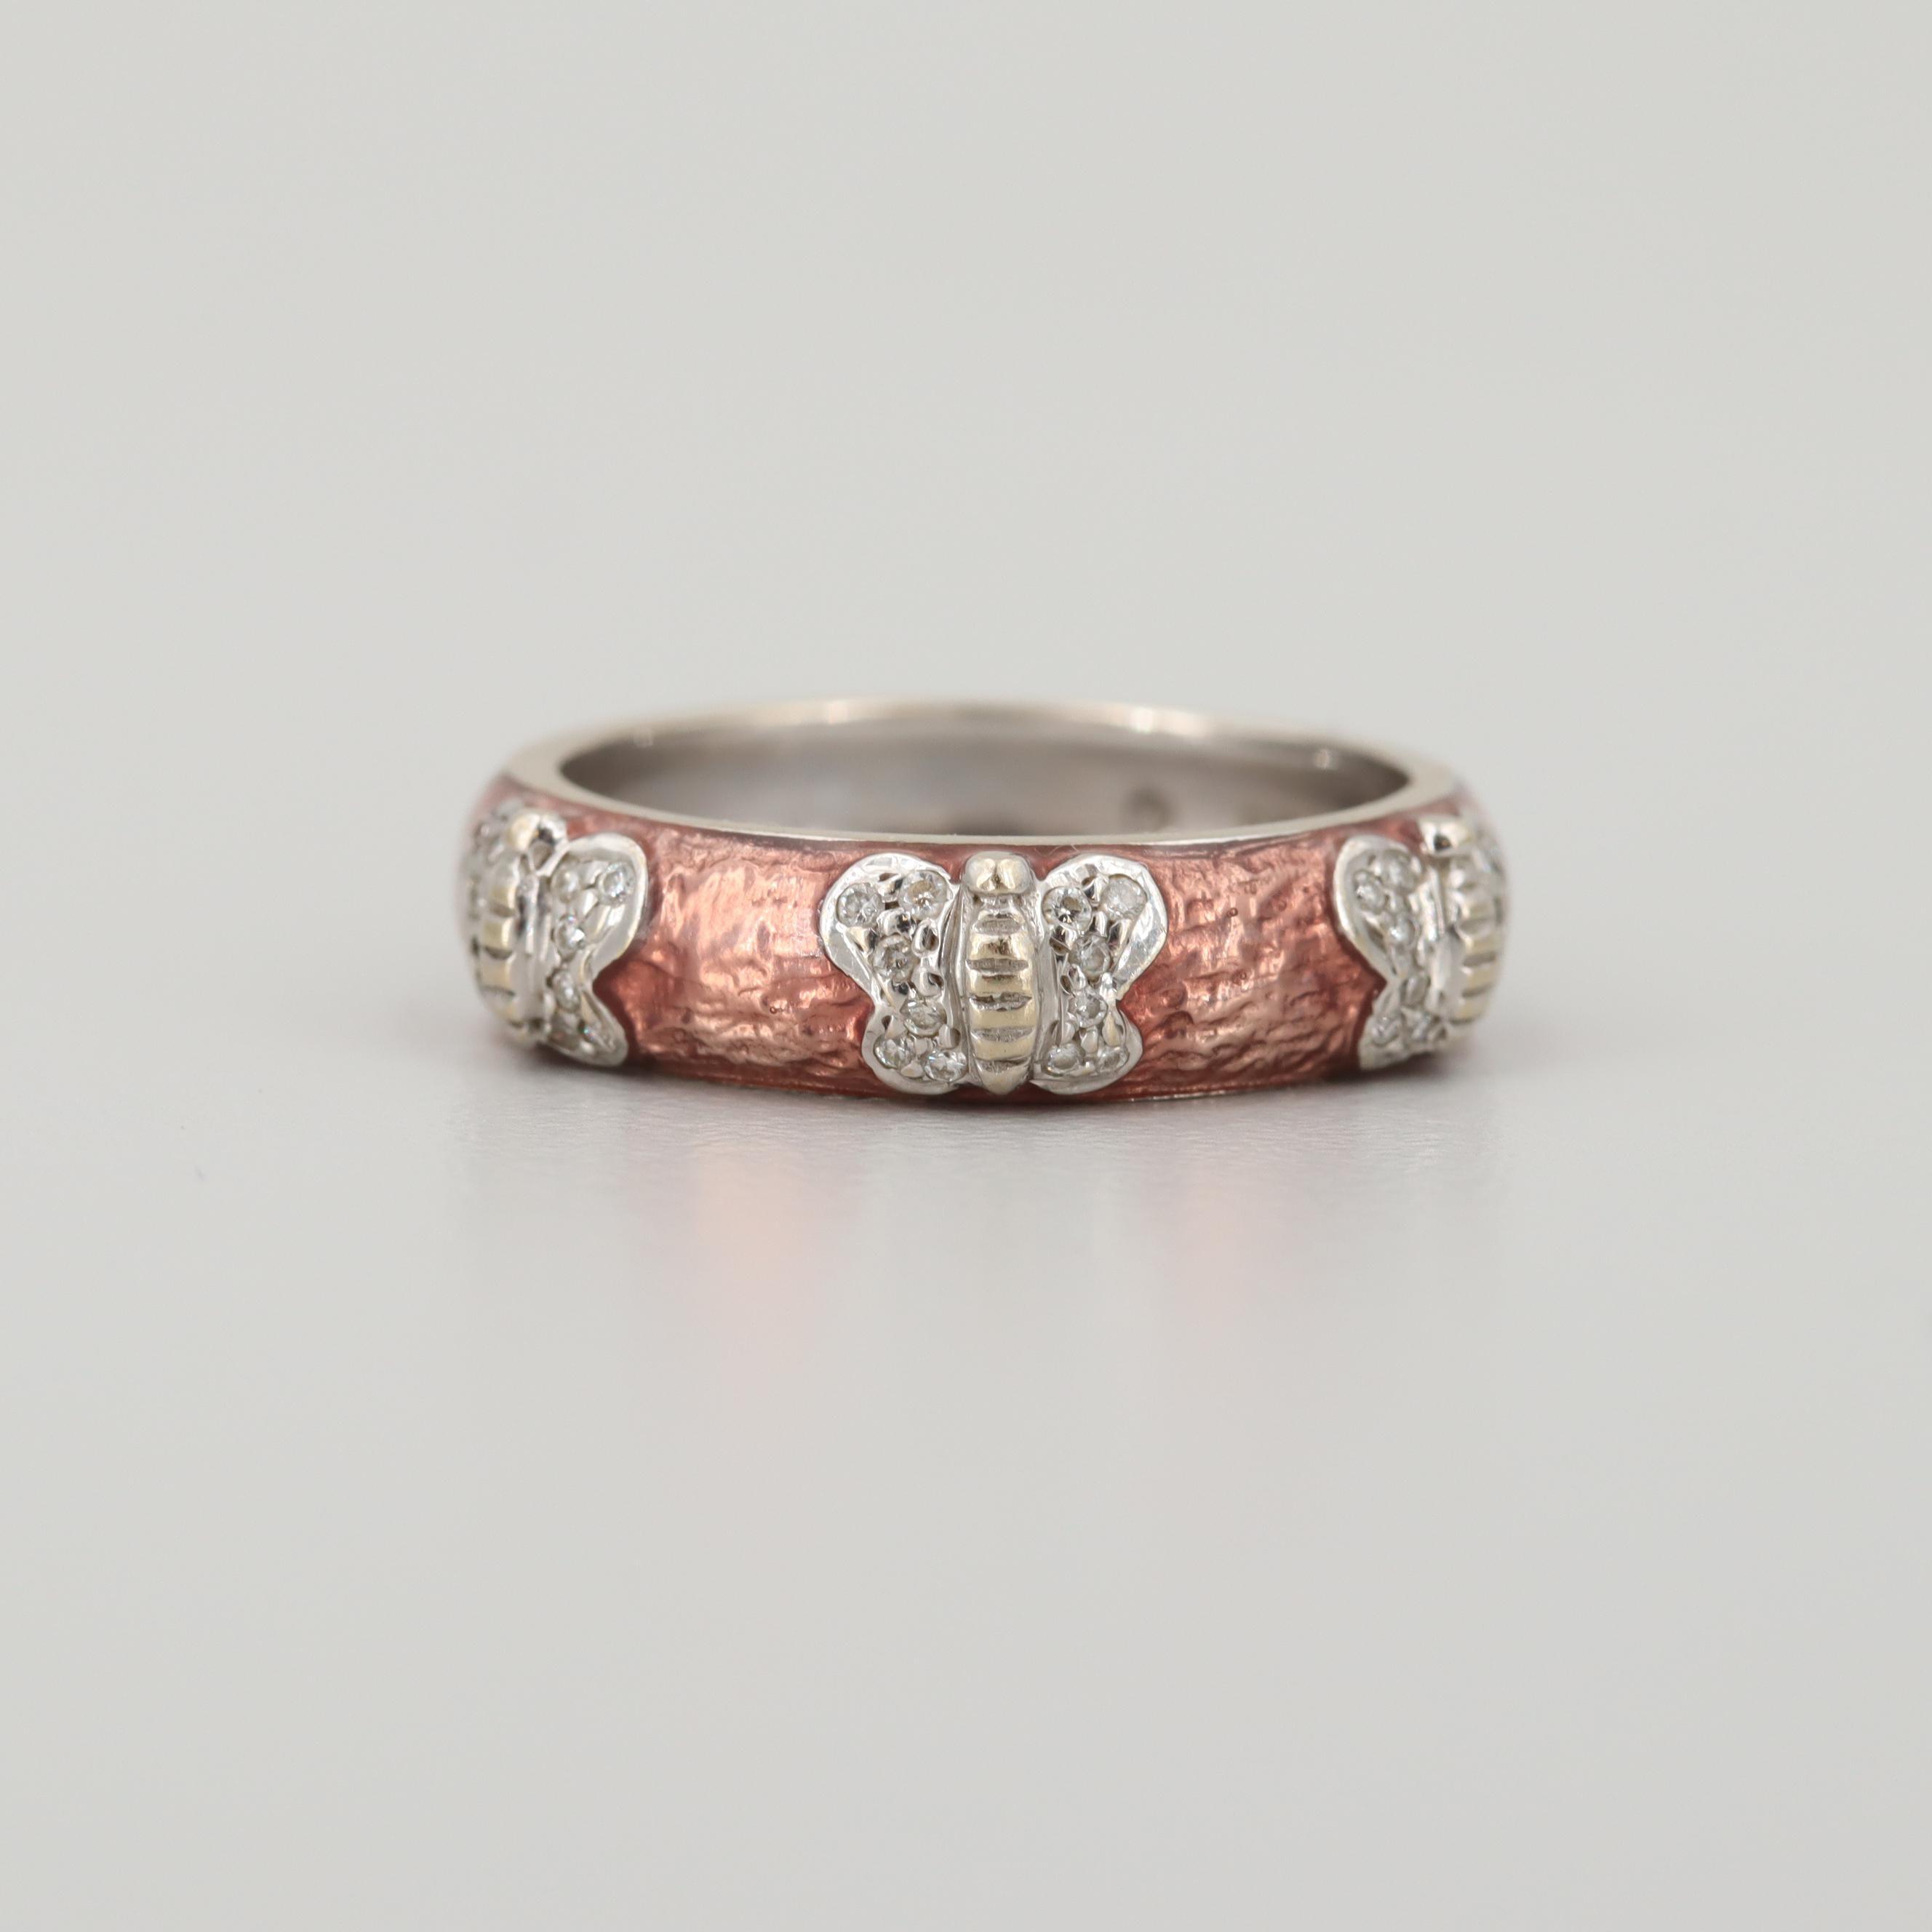 Hidalgo 18K White Gold Enamel Butterfly Ring